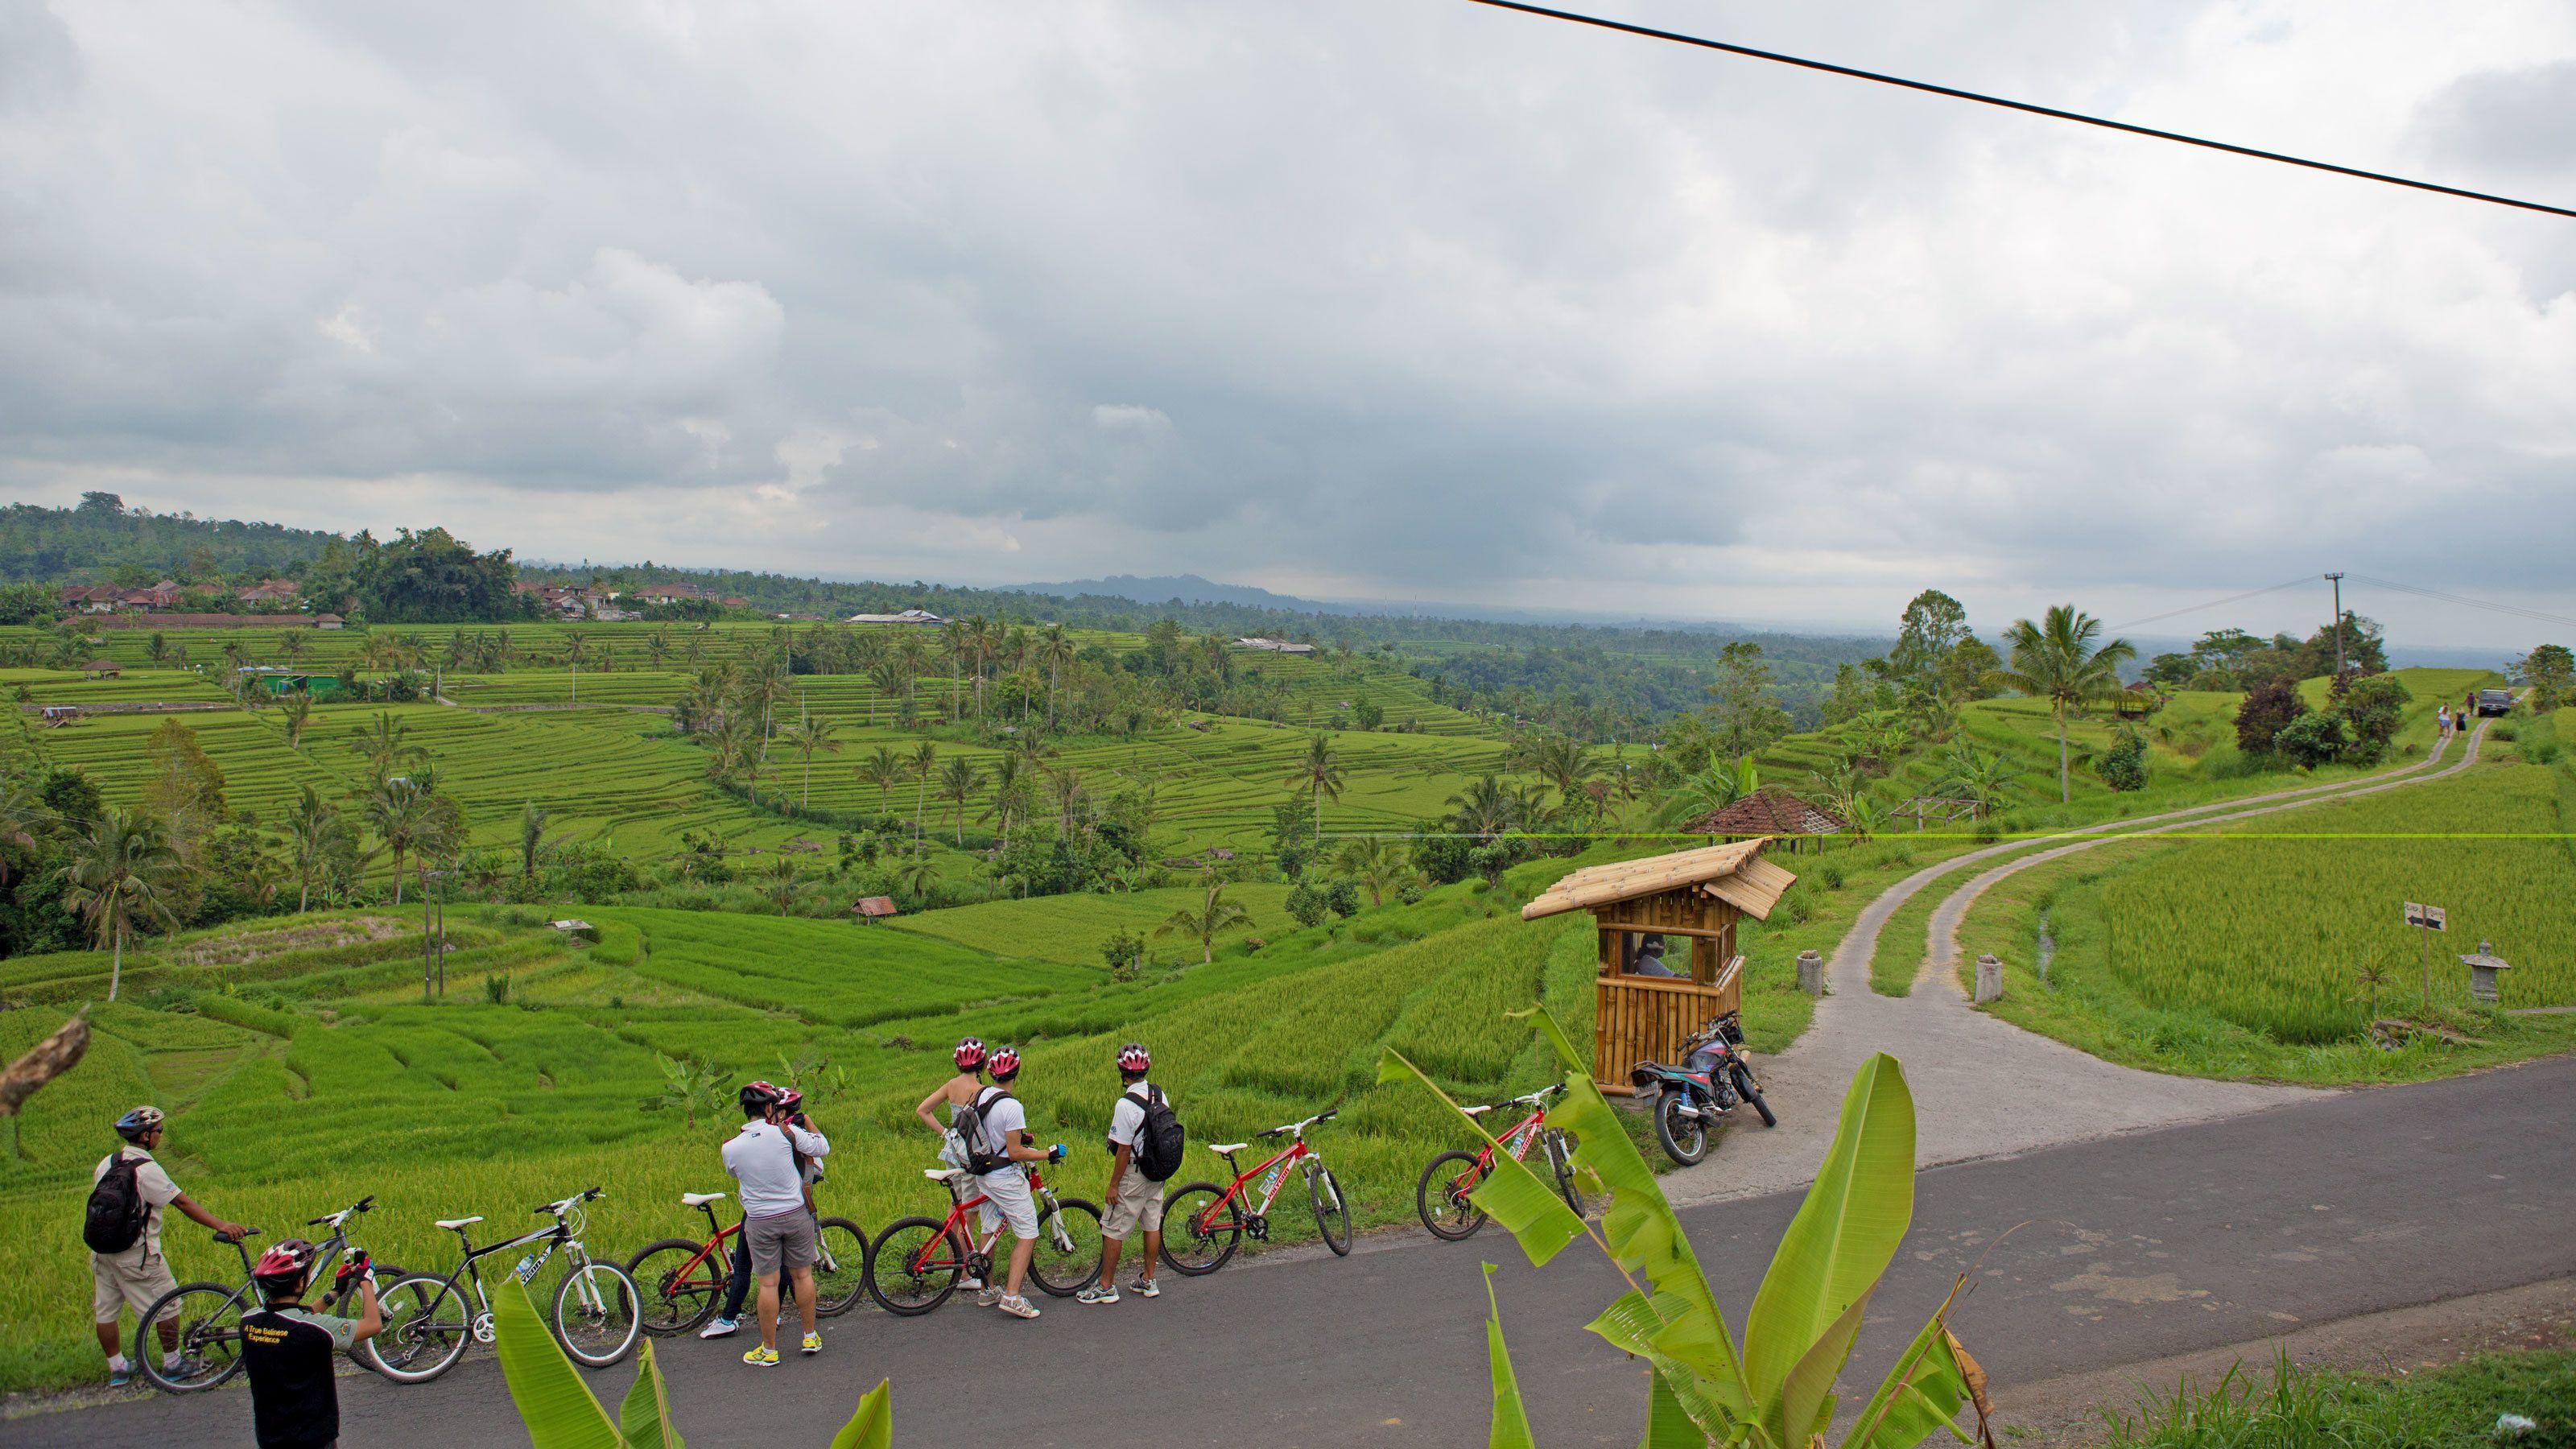 cyclists taking a break along a narrow road in Bali